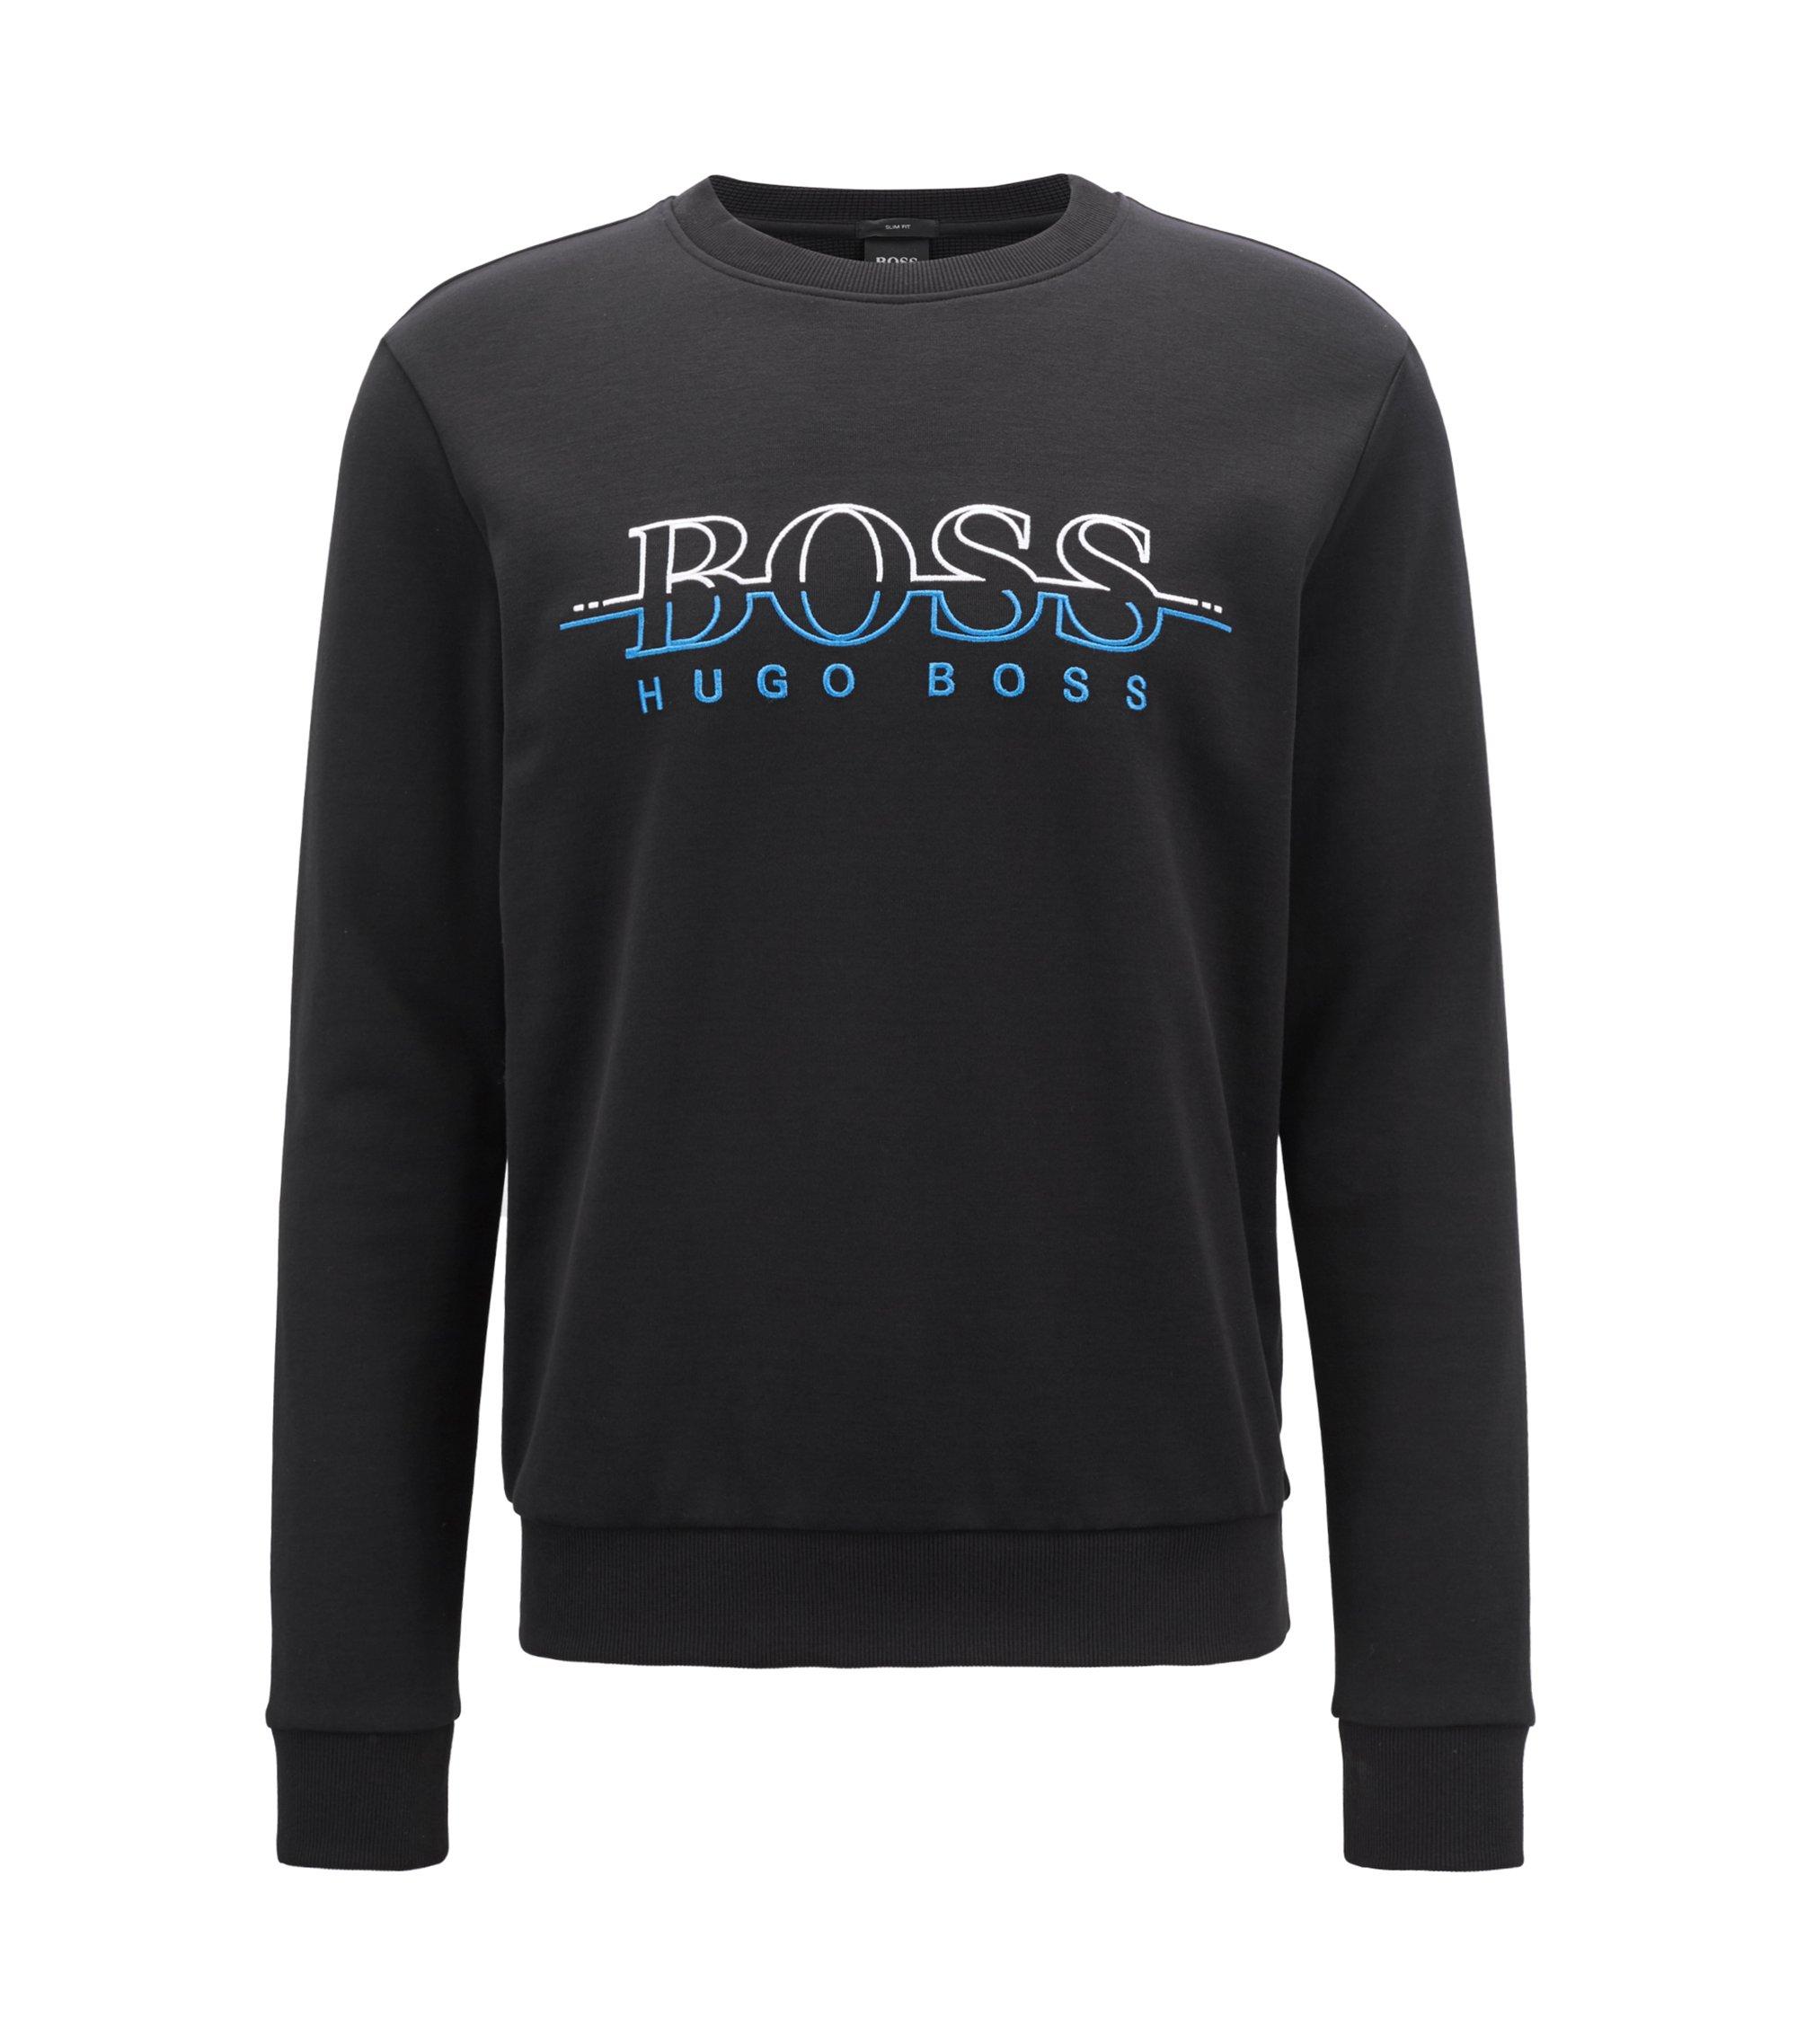 Crew-neck logo sweatshirt in a cotton blend, Black